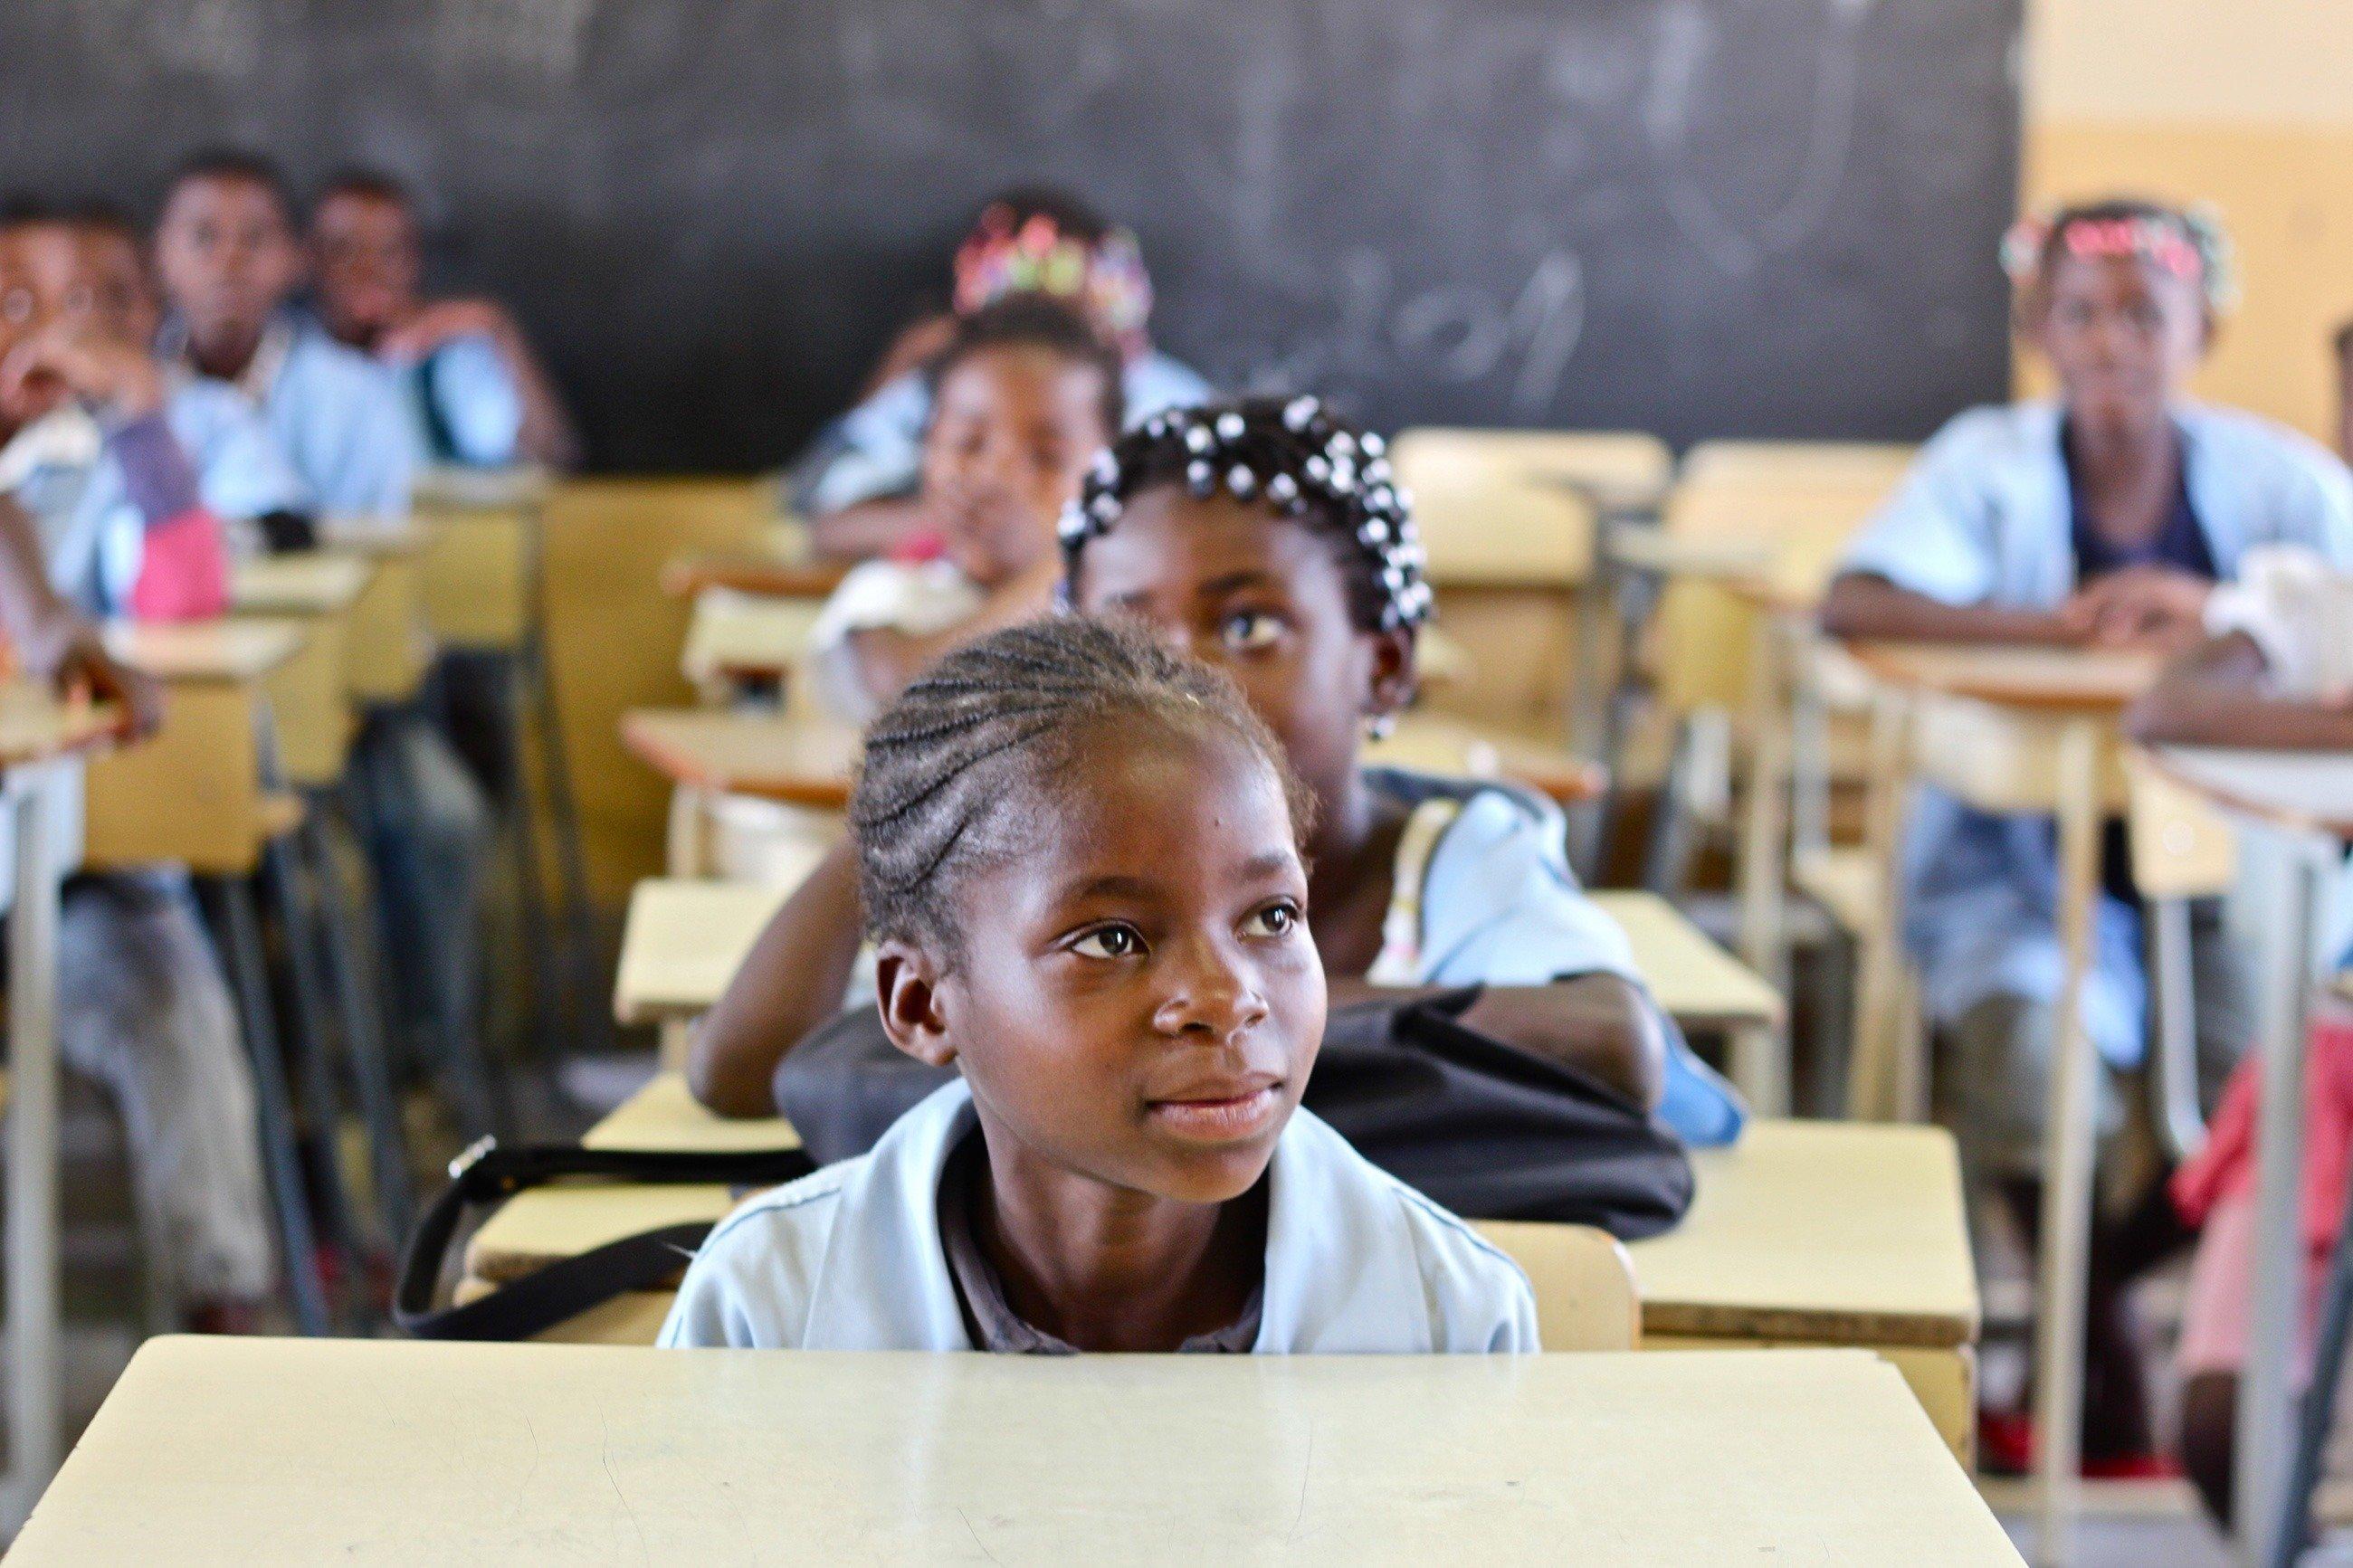 Una ragazza africana segue attentamente la lezione.